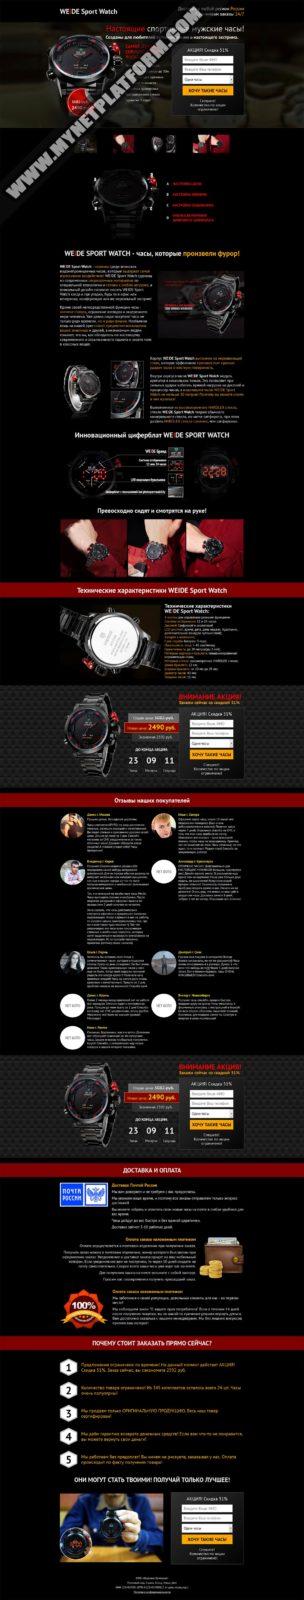 Скриншот готового лендинга для товара Часы Weide Sport Watch 01